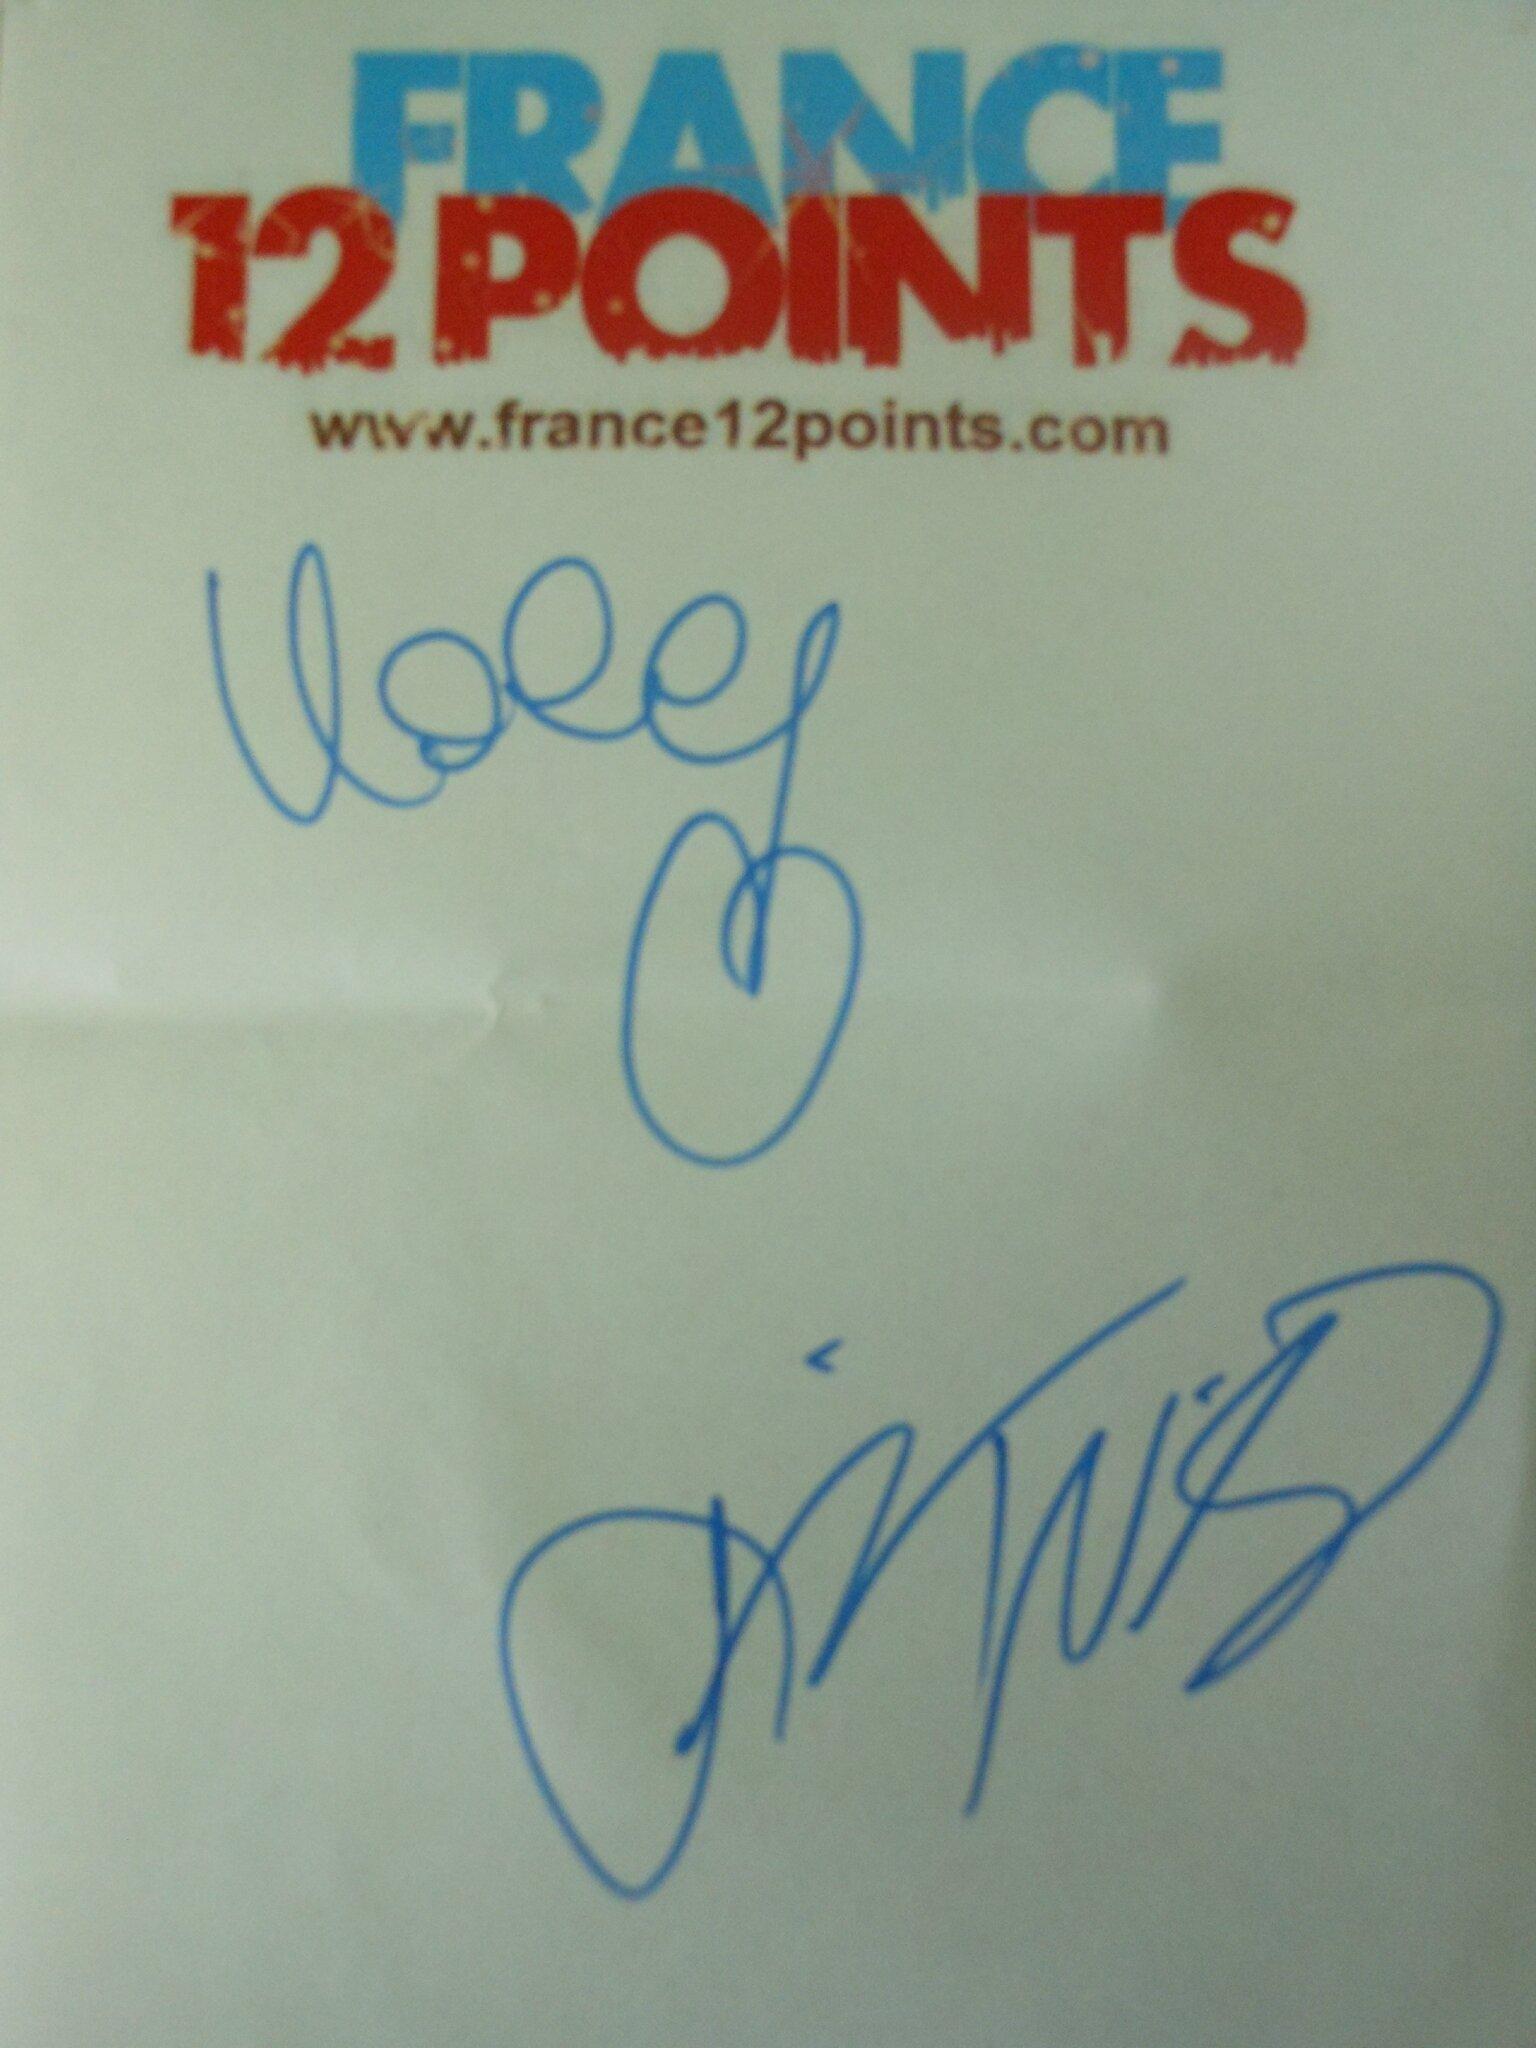 684 - Autographe Valentina Monetta & Jimmie WIlson